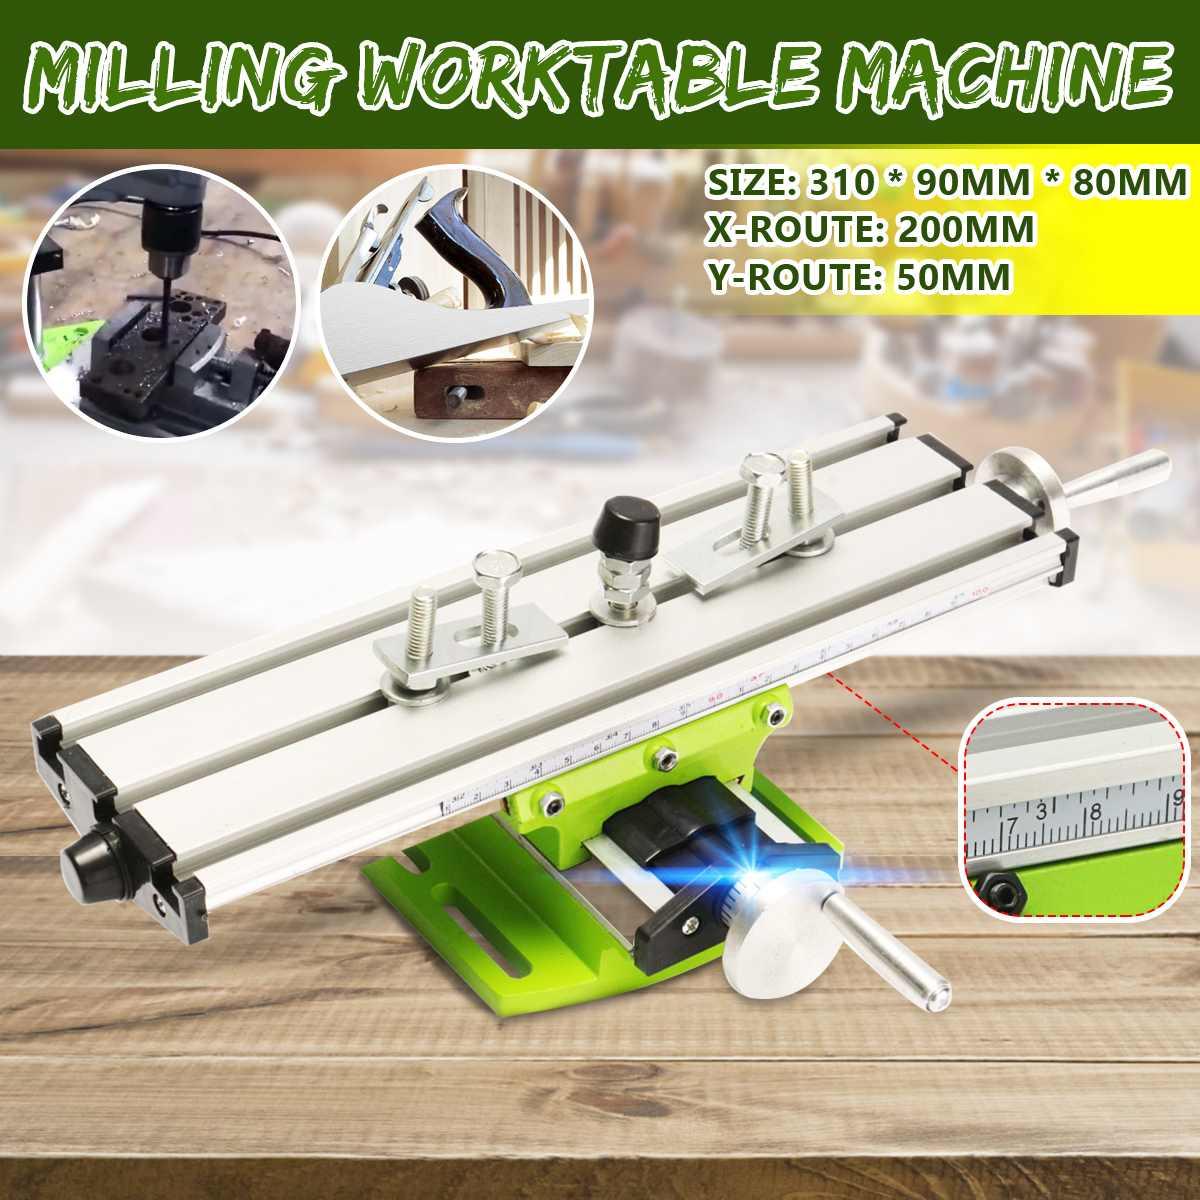 Máquina de trituração multifuncional da mesa de trabalho da corrediça do torno do ajuste do dispositivo elétrico worktable com alicate do nariz do plat para o benchdrill